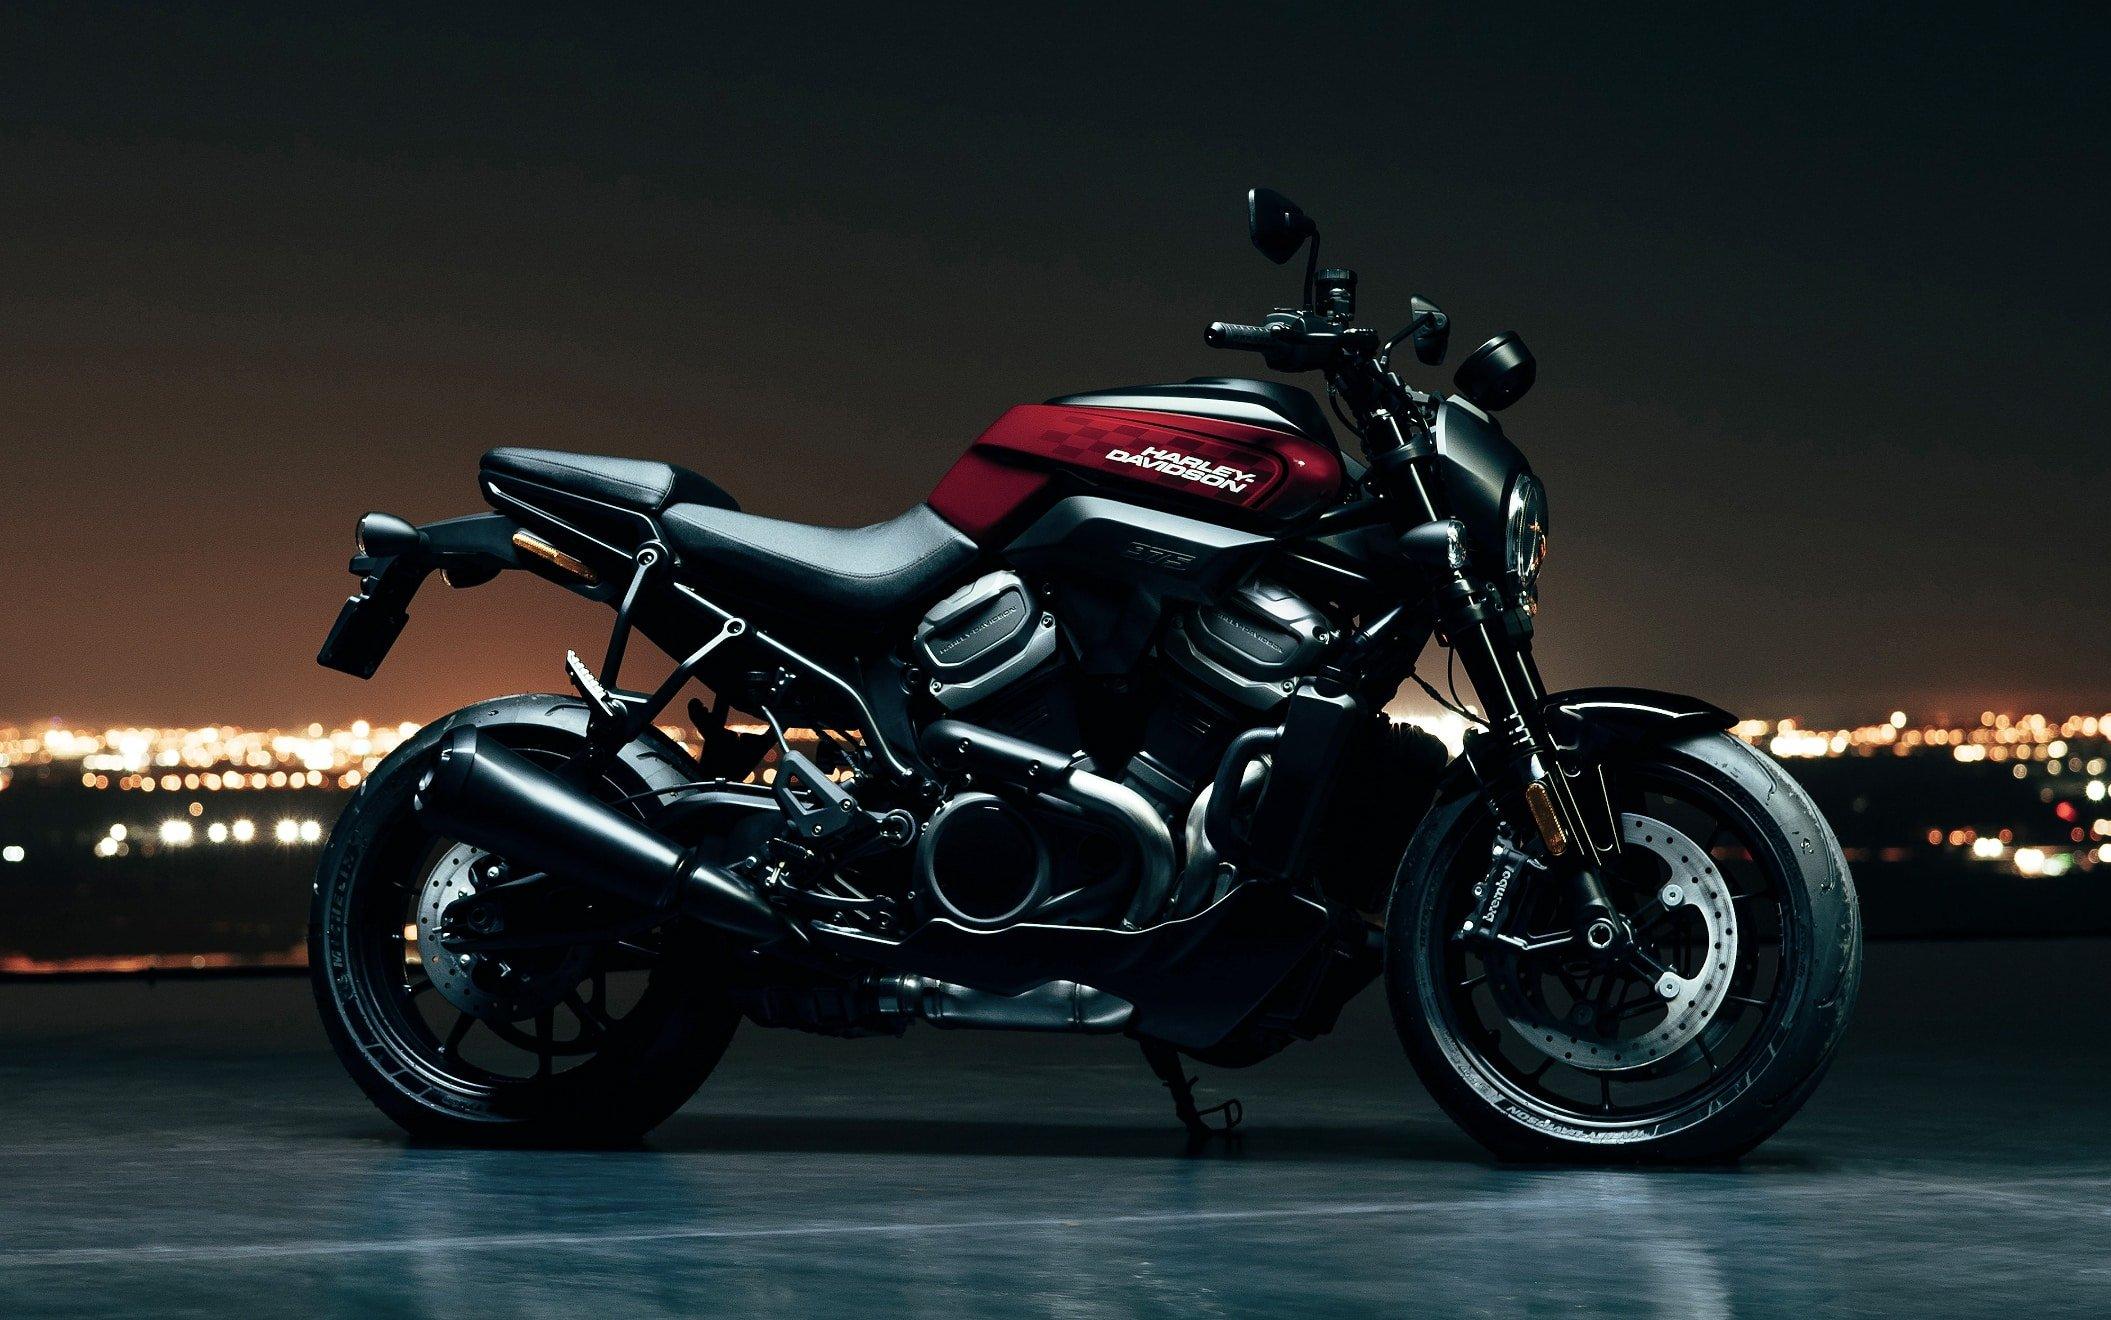 Harley Davidson Bronx Motorcycle